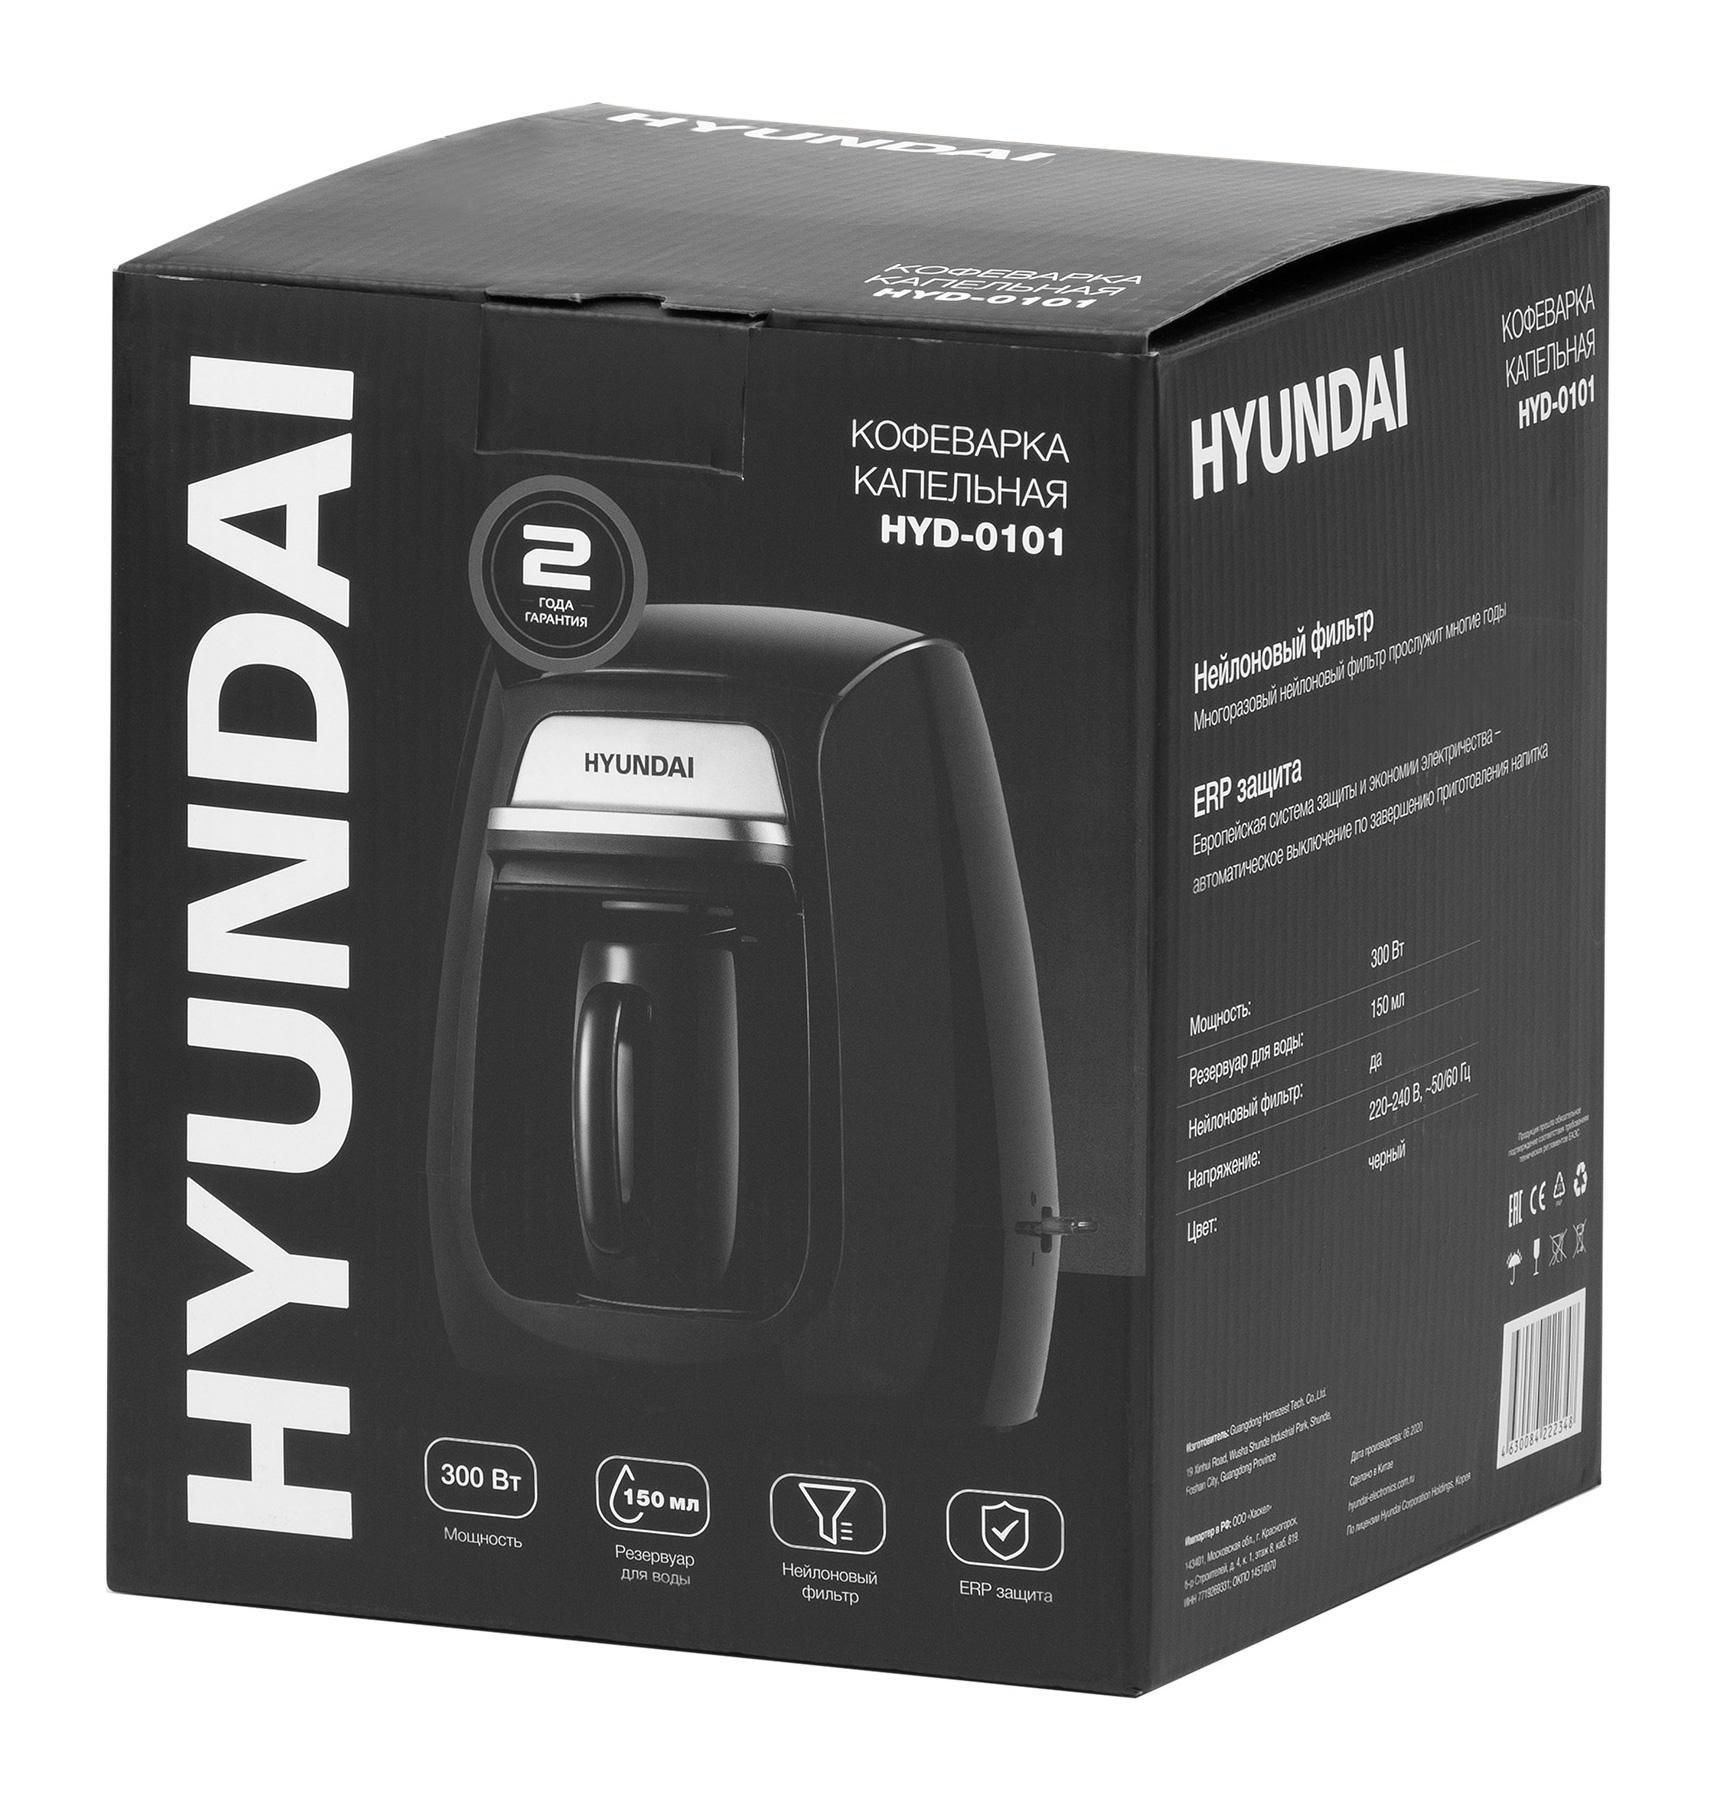 Кофеварка капельная Hyundai HYD-0101 300Вт черный